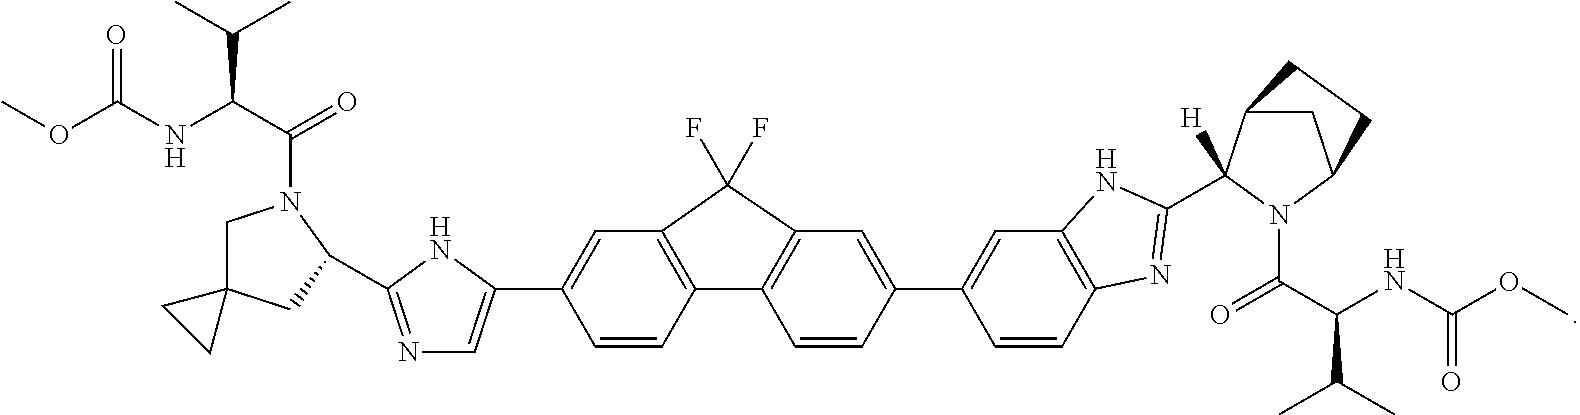 Figure US10039779-20180807-C00001